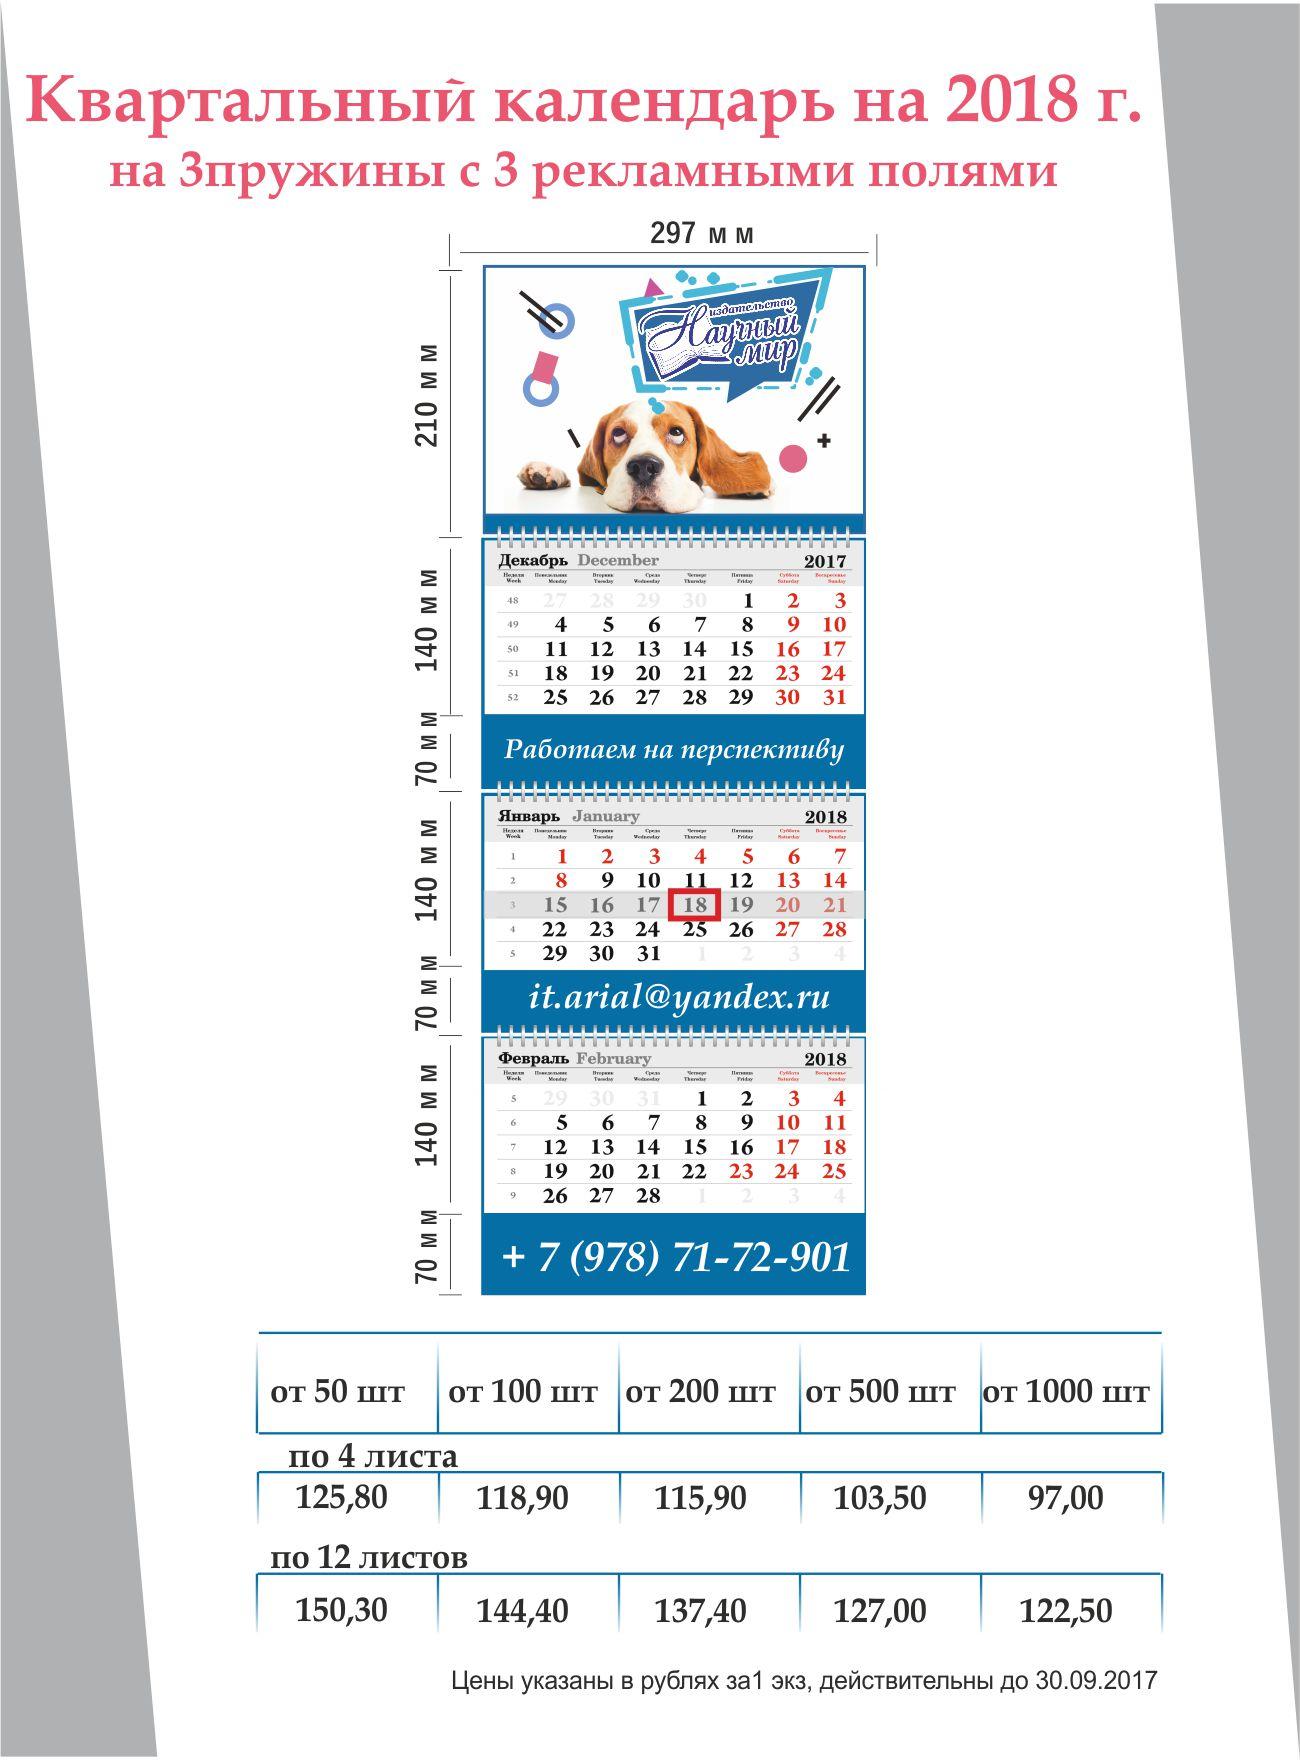 Календарь квартальный на 3 пружины и 3 рекламных